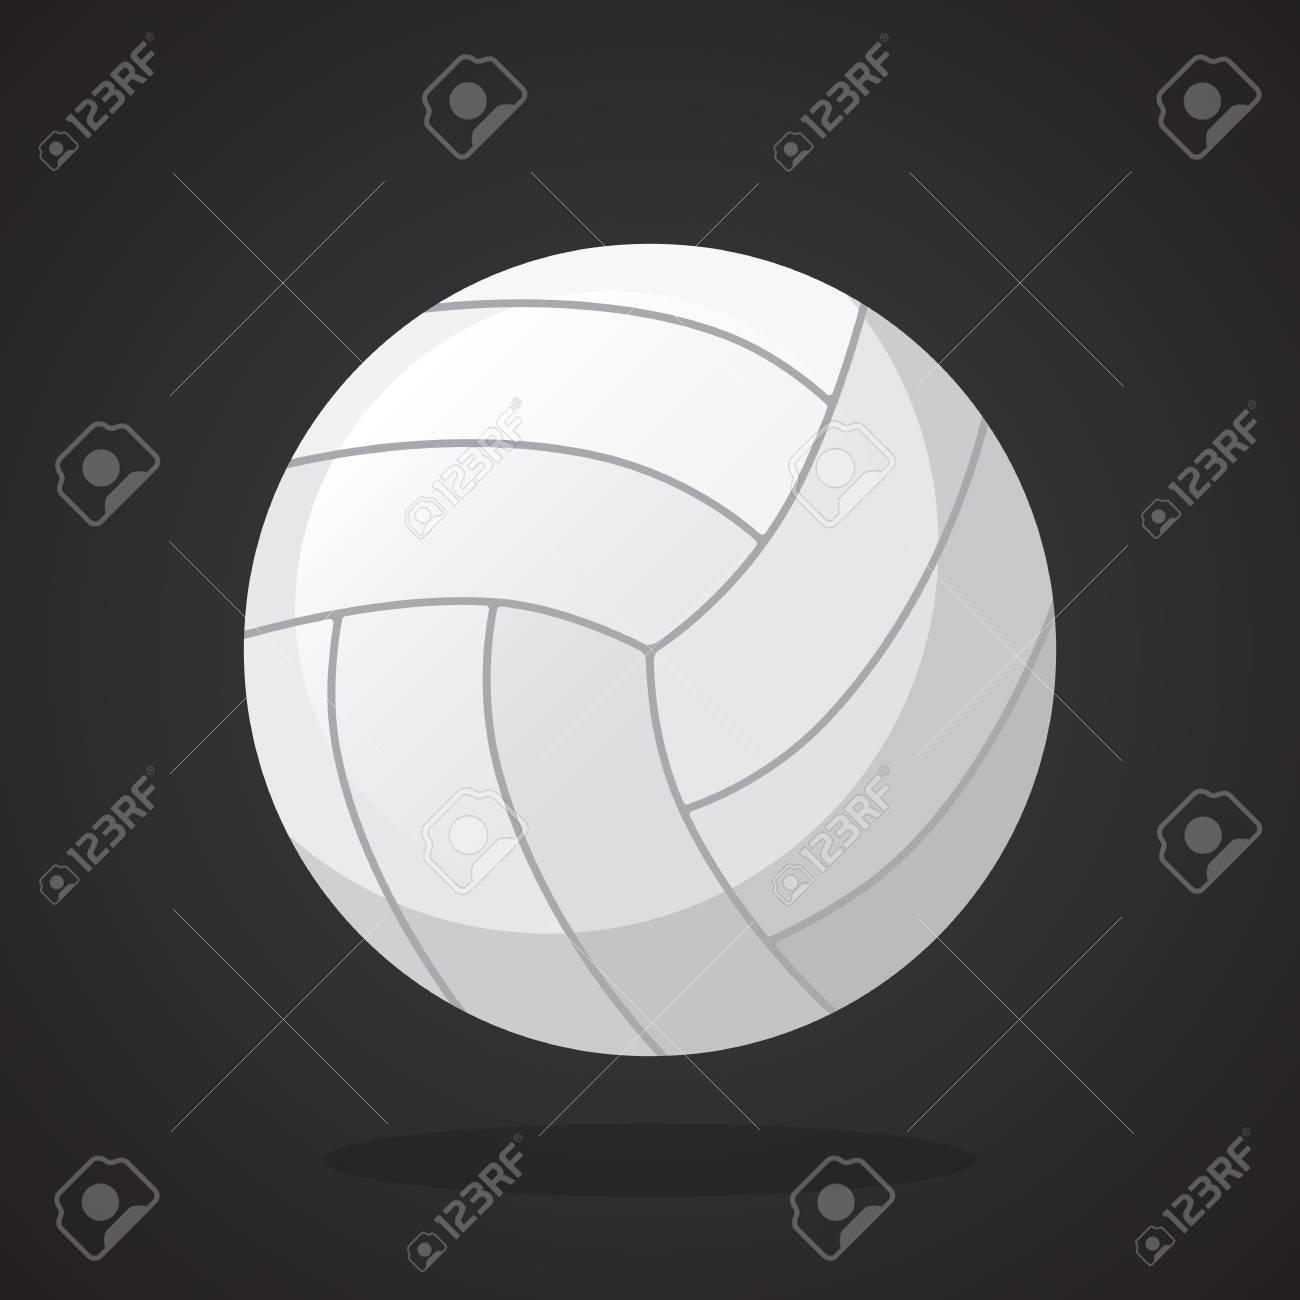 27cca189e5ff4 Foto de archivo - Ilustración de vector de estilo plano. Pelota de voleibol  de cuero Equipo deportivo. Decoración para tarjetas de felicitación